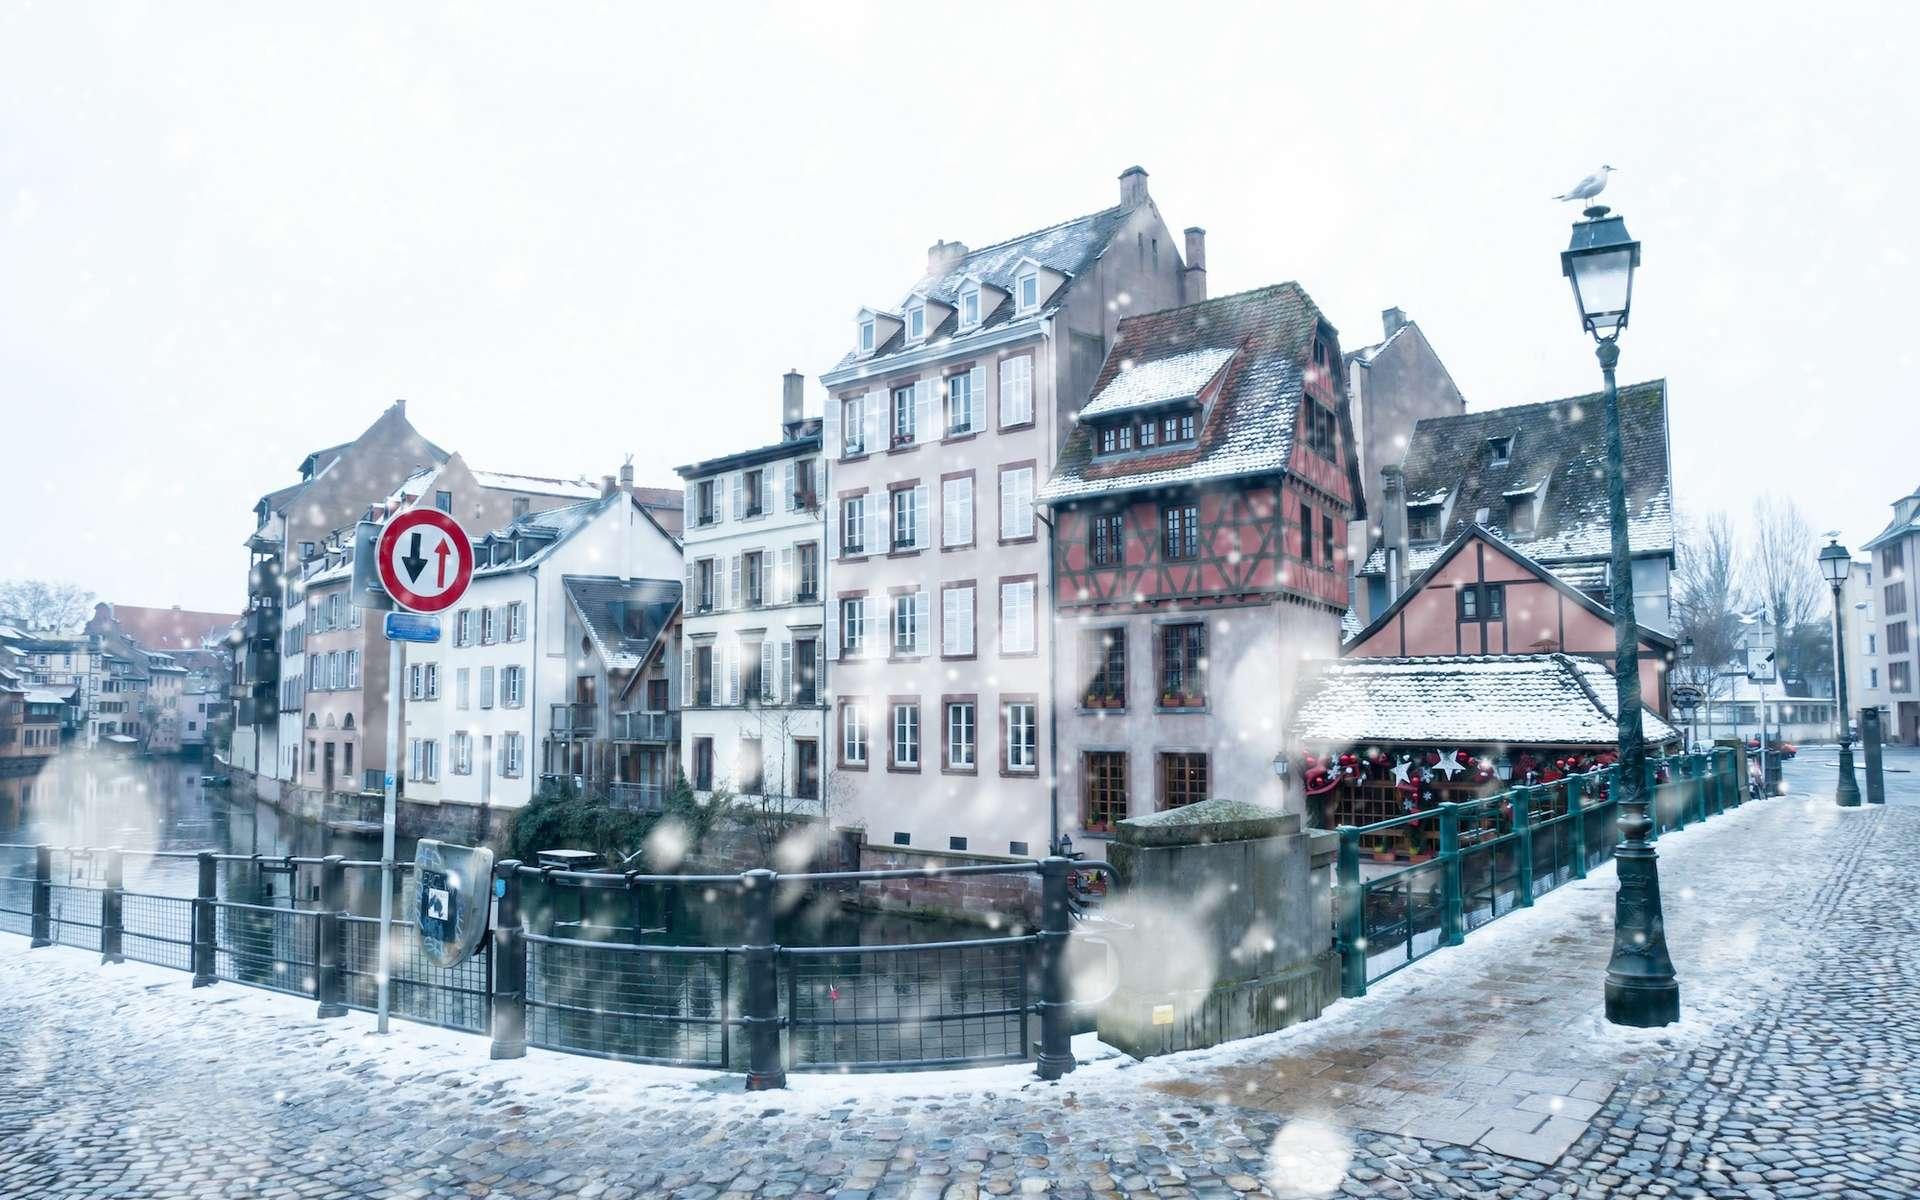 Strasbourg en hiver sous la neige. © Alexi Tauzin, Adobe Stock